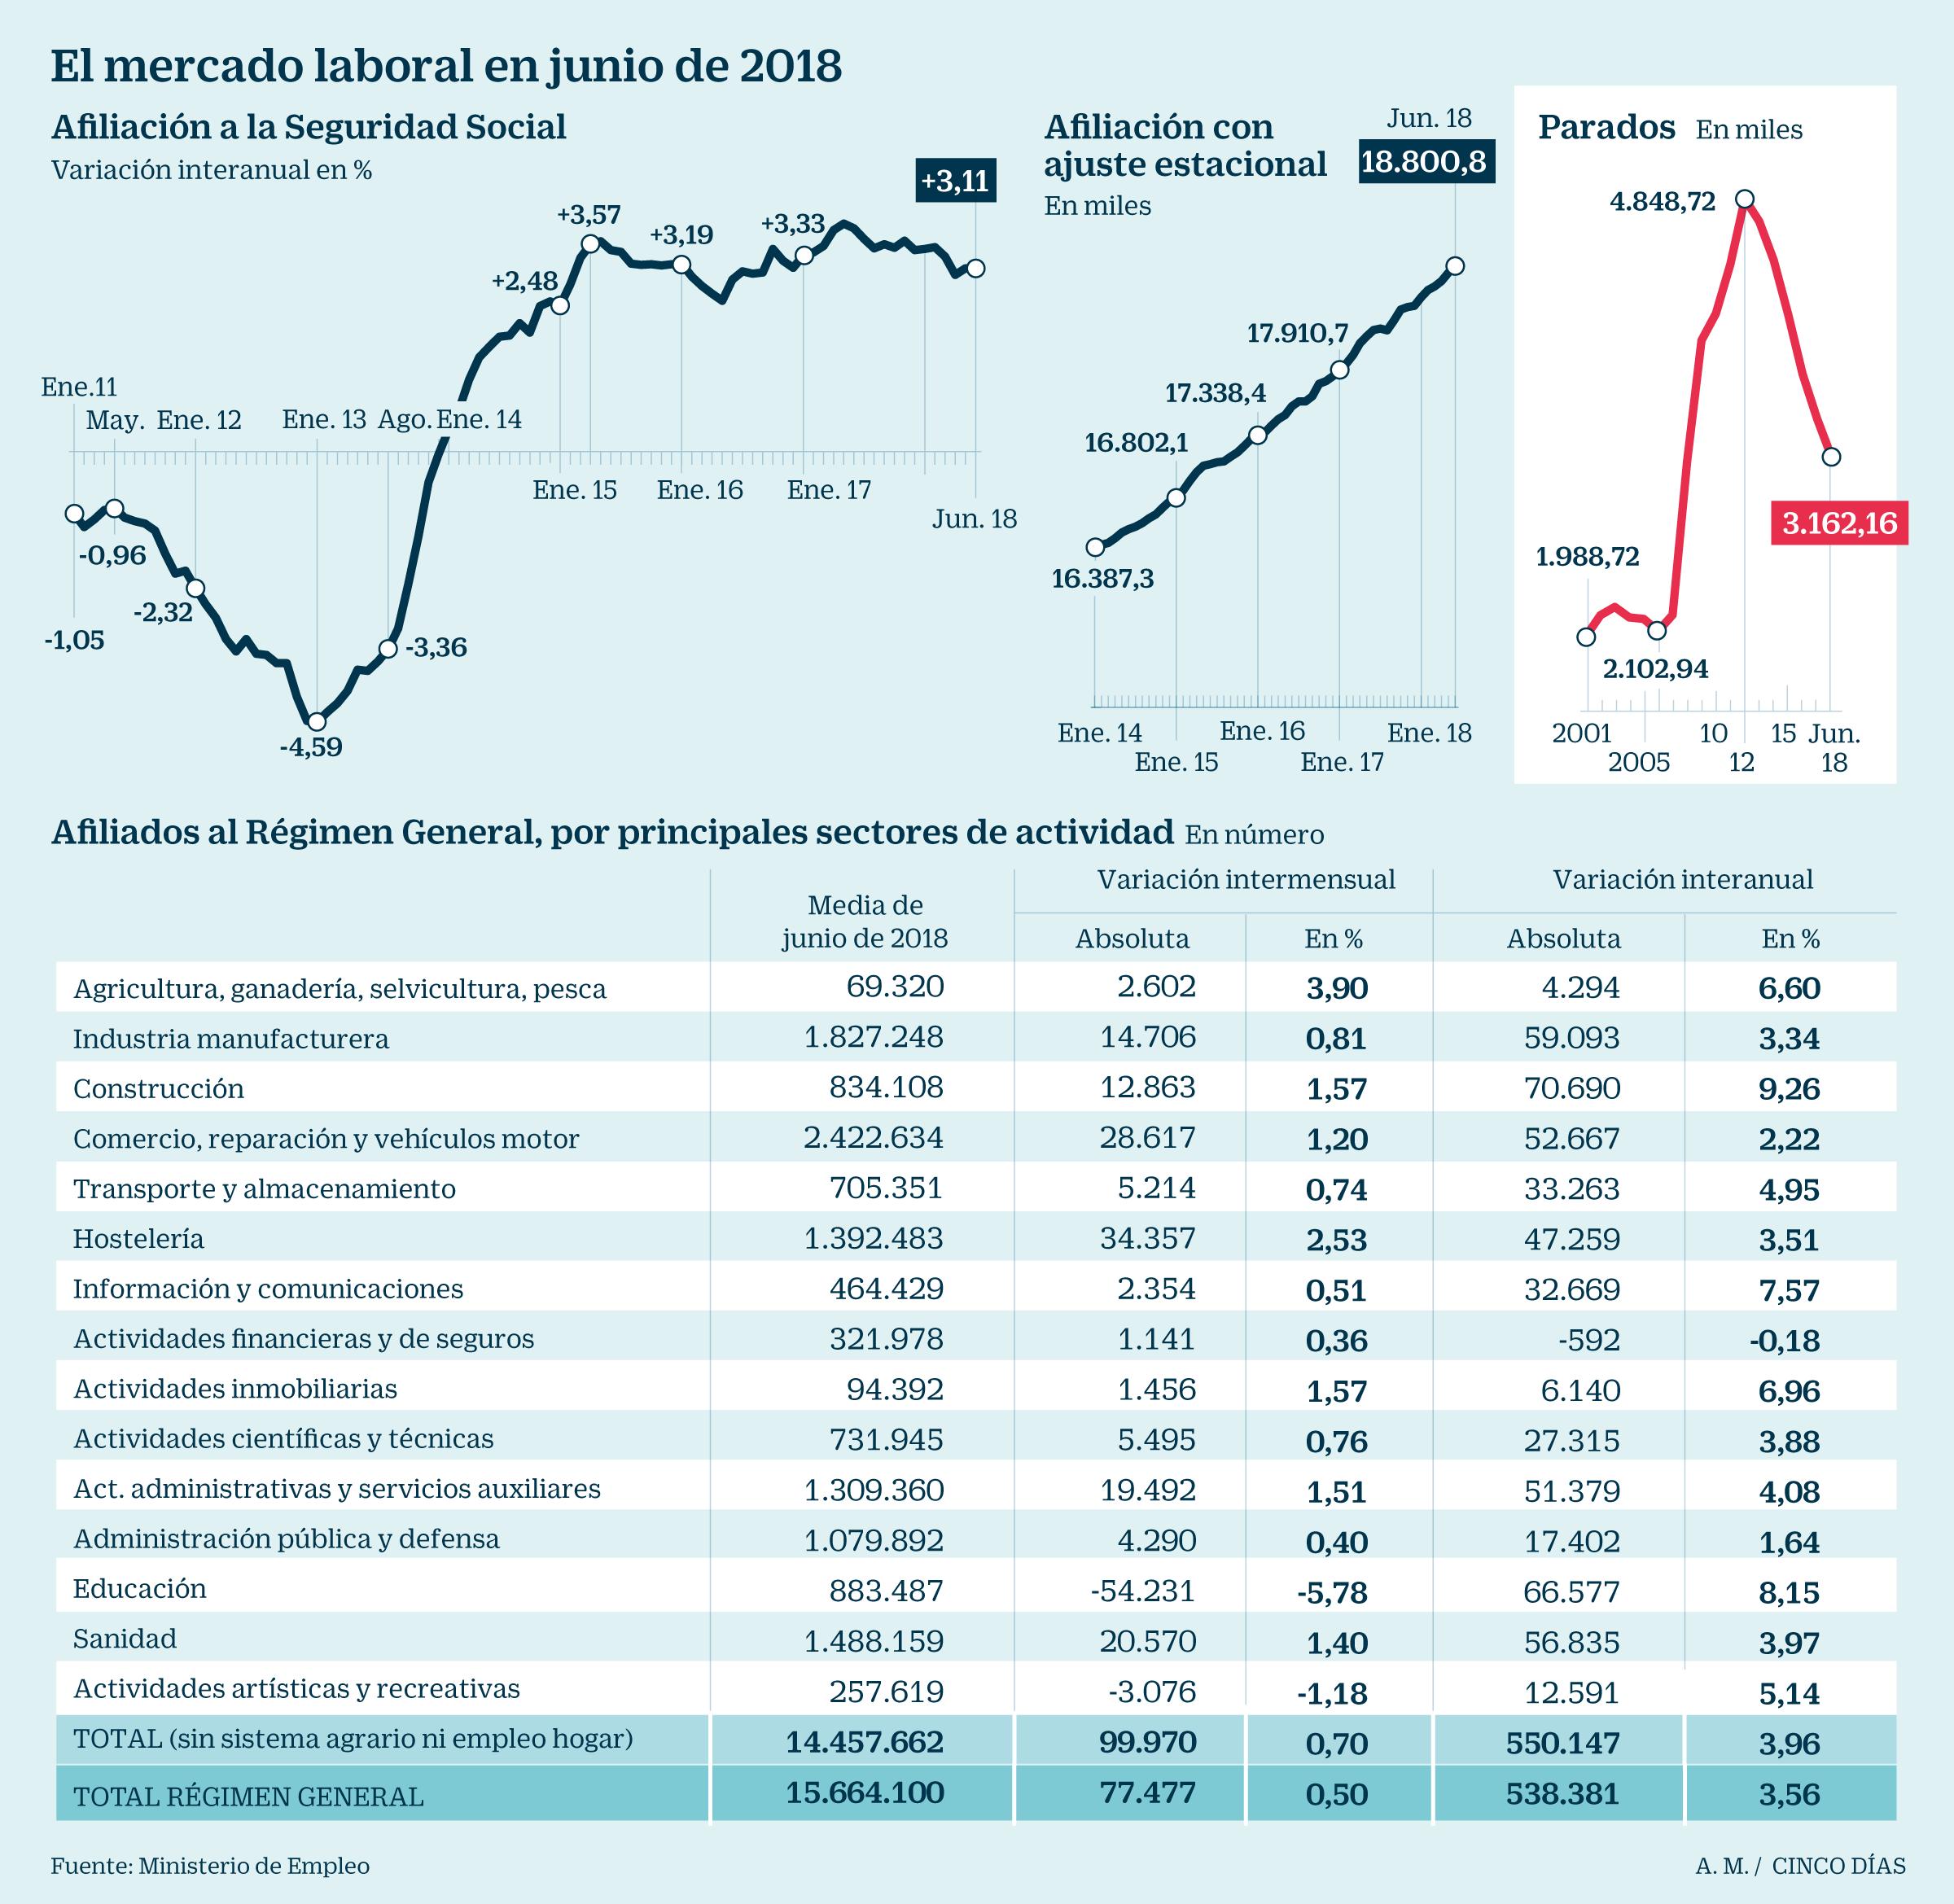 La ocupación supera los 19 millones por primera vez en diez años